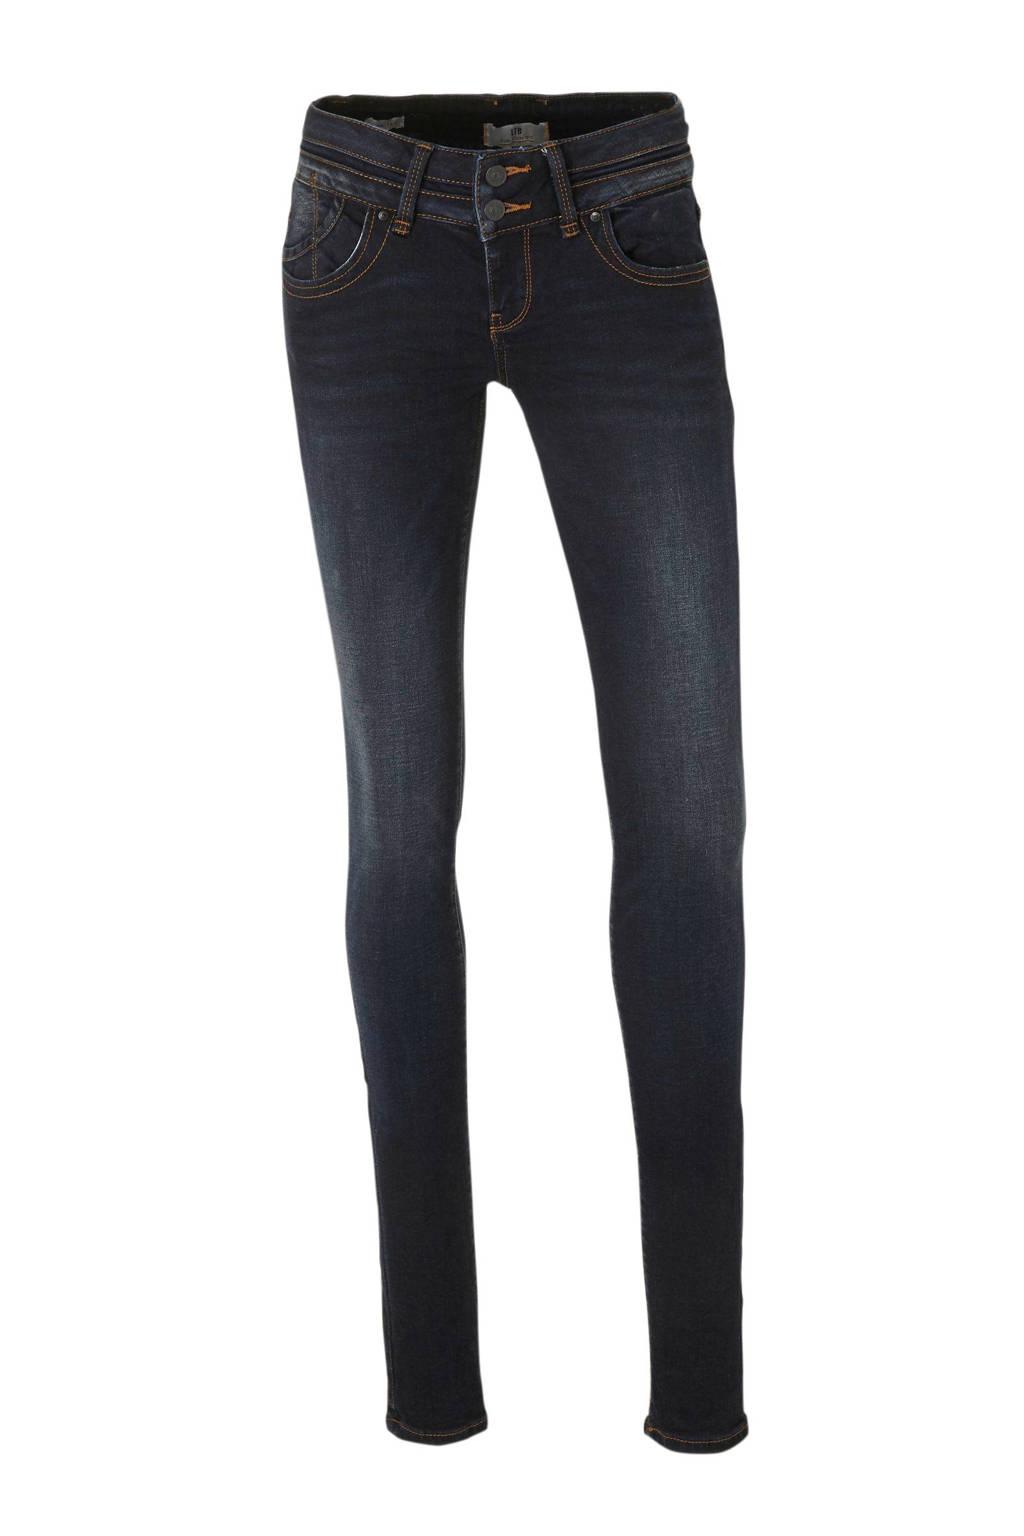 LTB low waist super skinny jeans Julita X donkerblauw, Donkerblauw